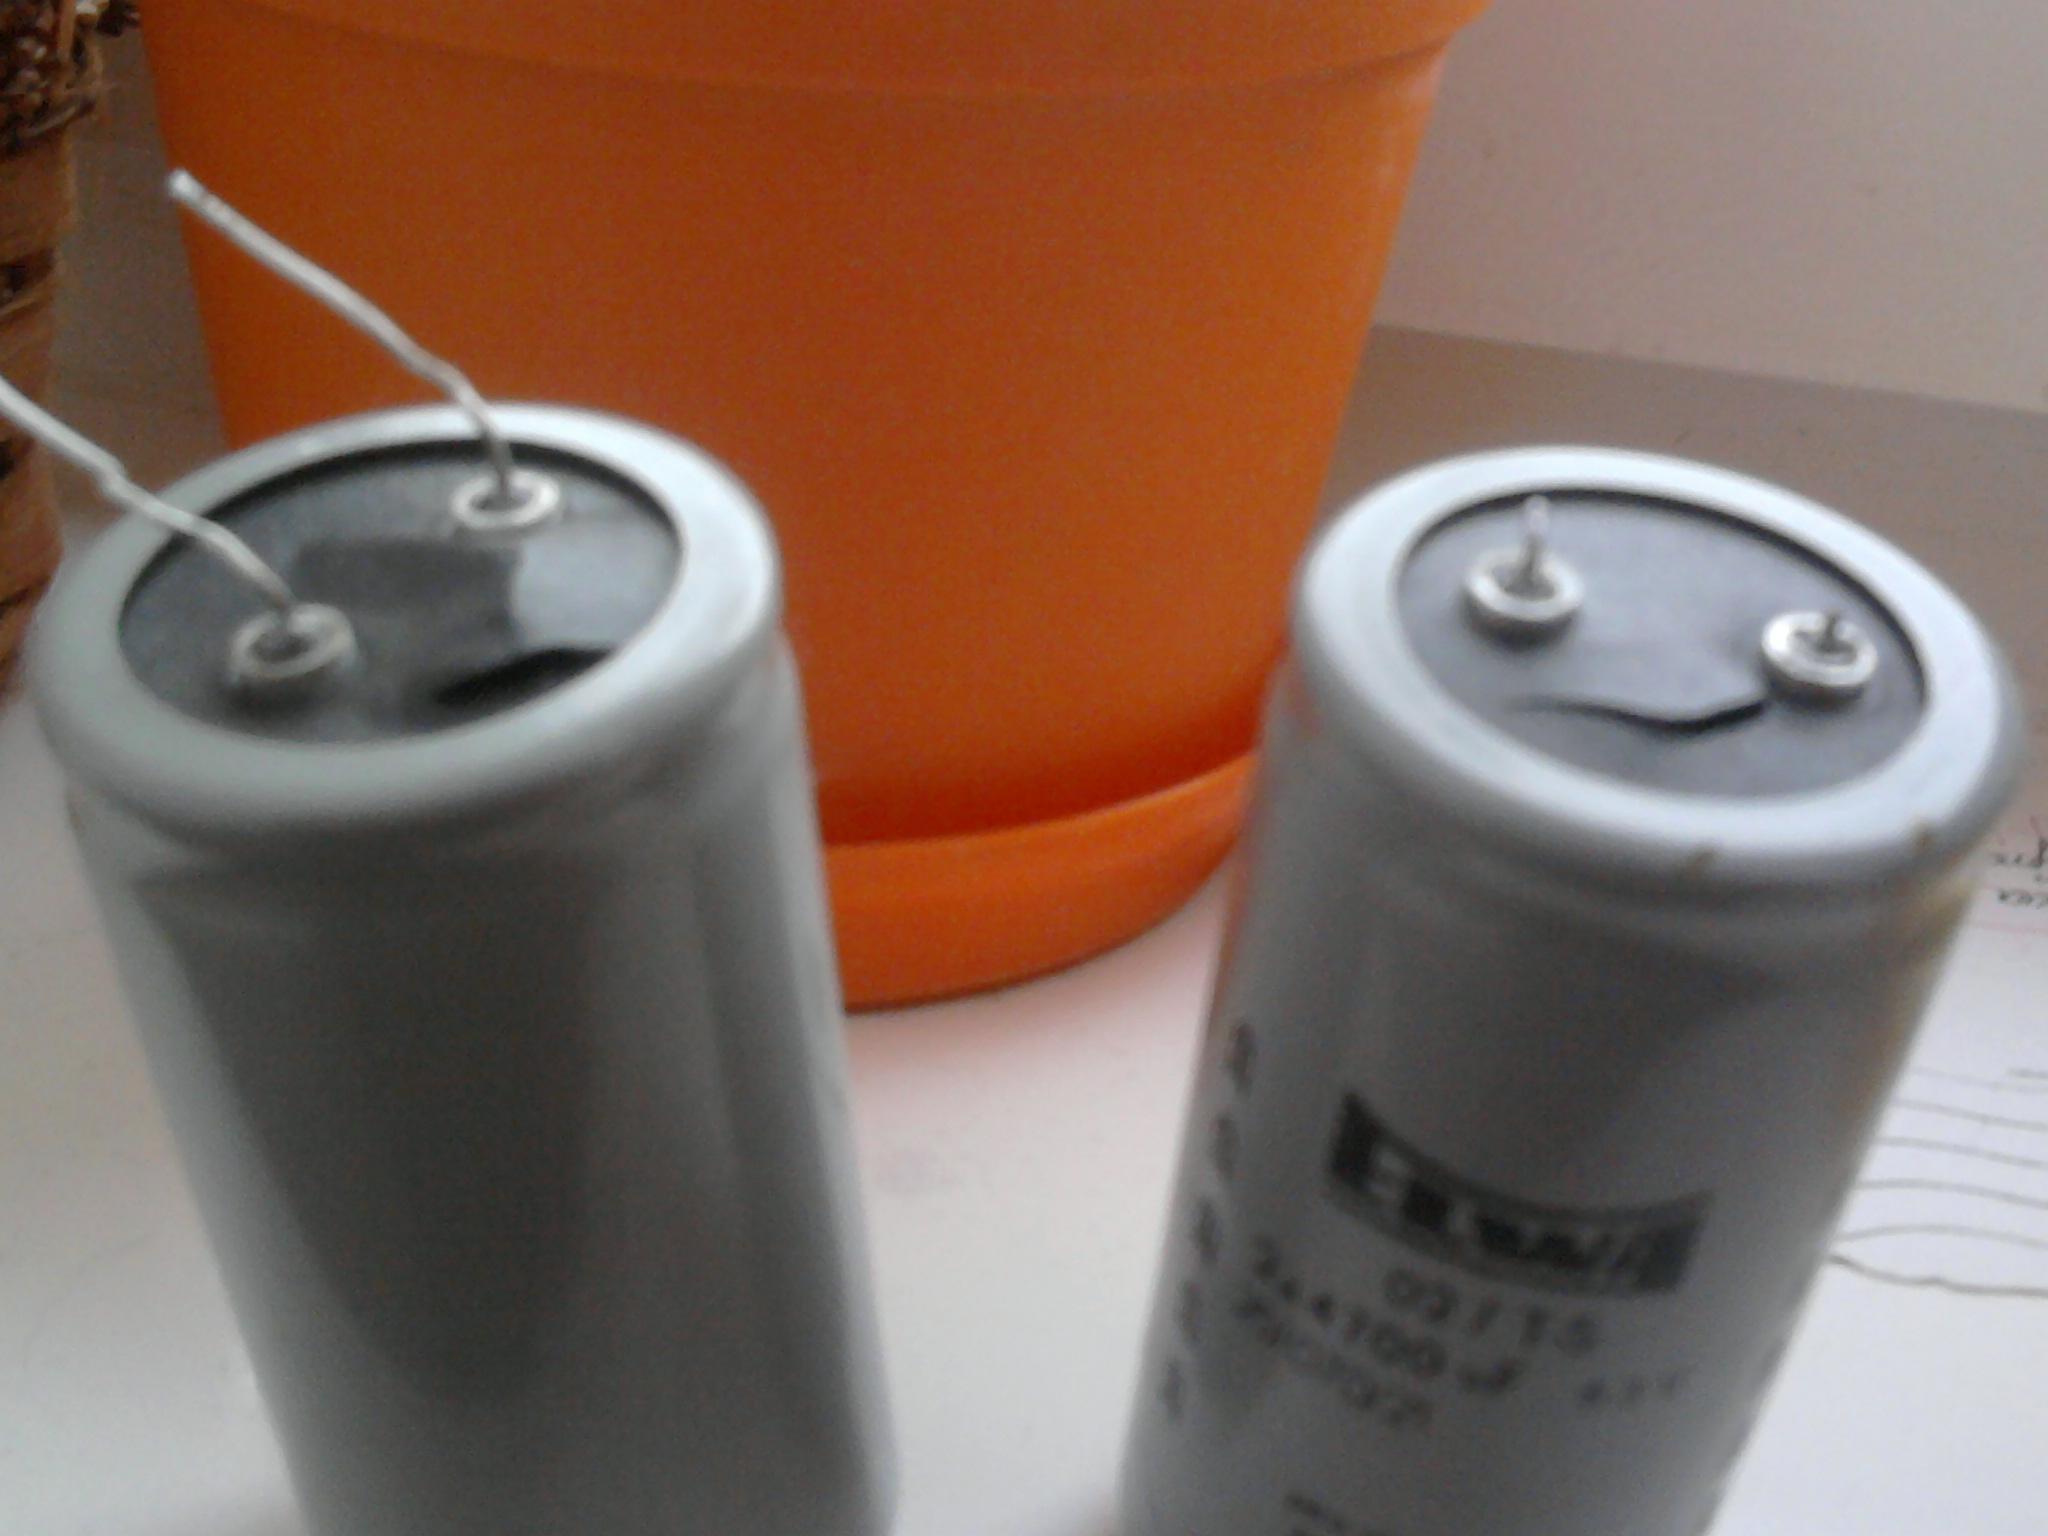 jak podłączyć mój kondensator randki i pokoje czatu